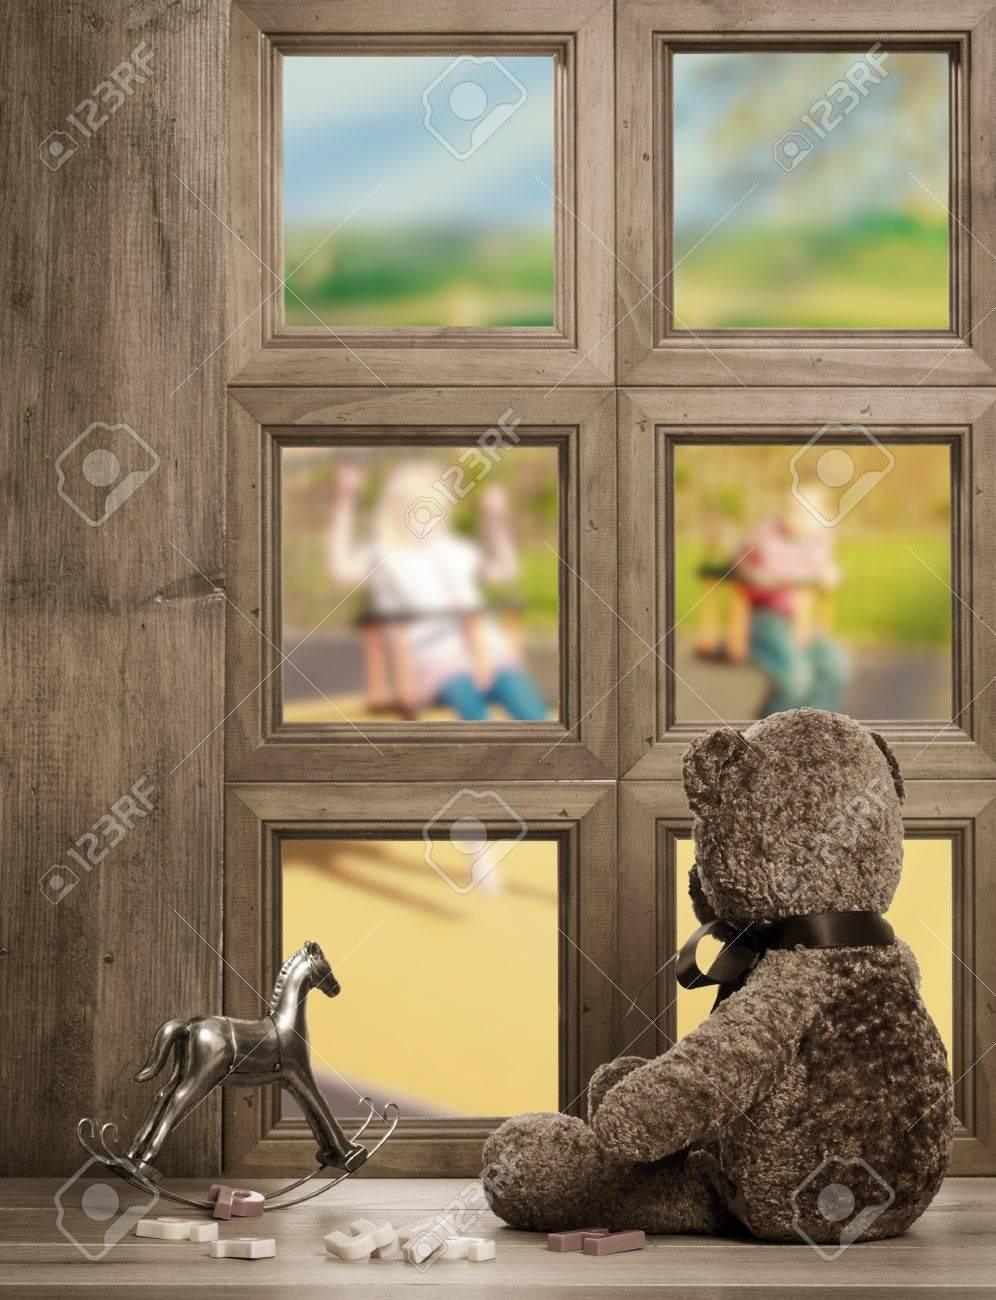 Teddy Schaut Aus Dem Kinderzimmer-Fenster - Warten Auf Die Rückkehr ...